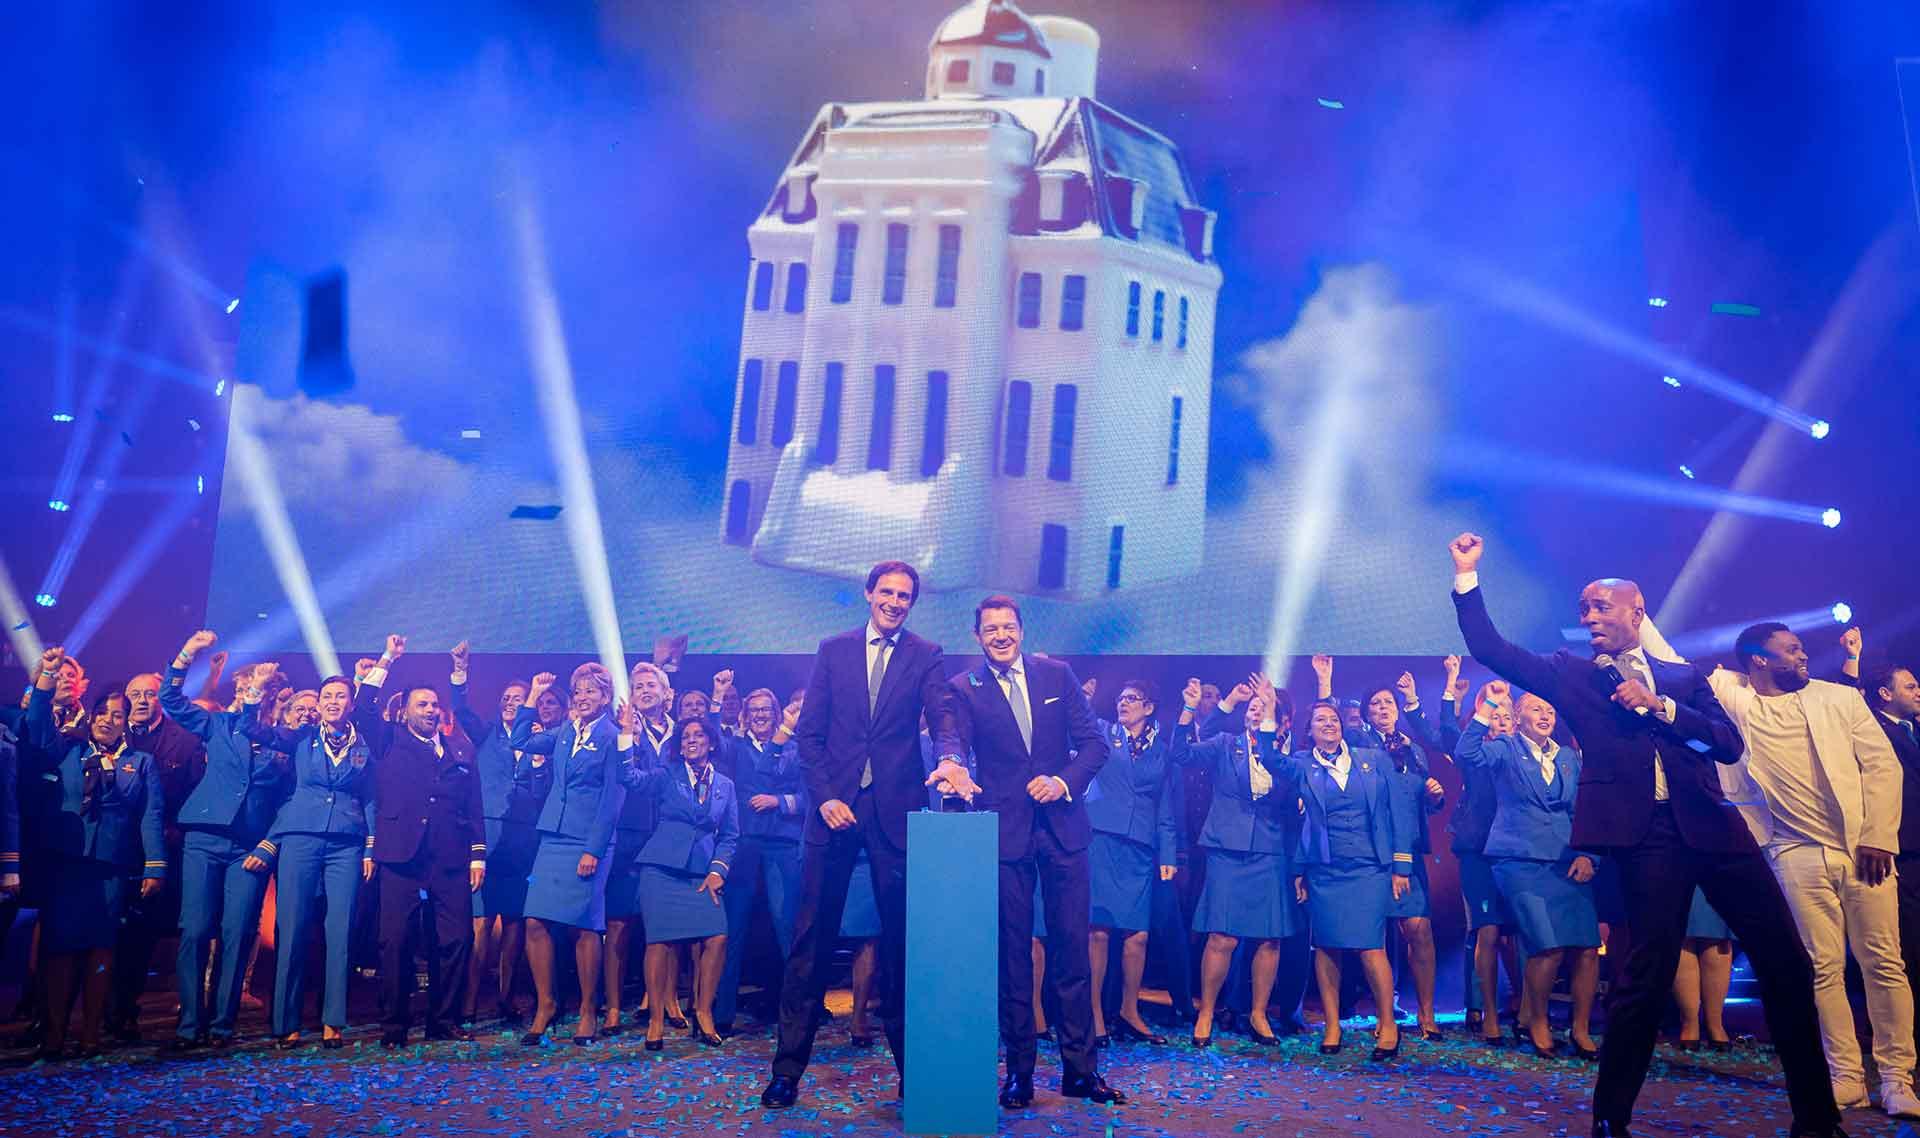 KLM celebra 100 años de historia